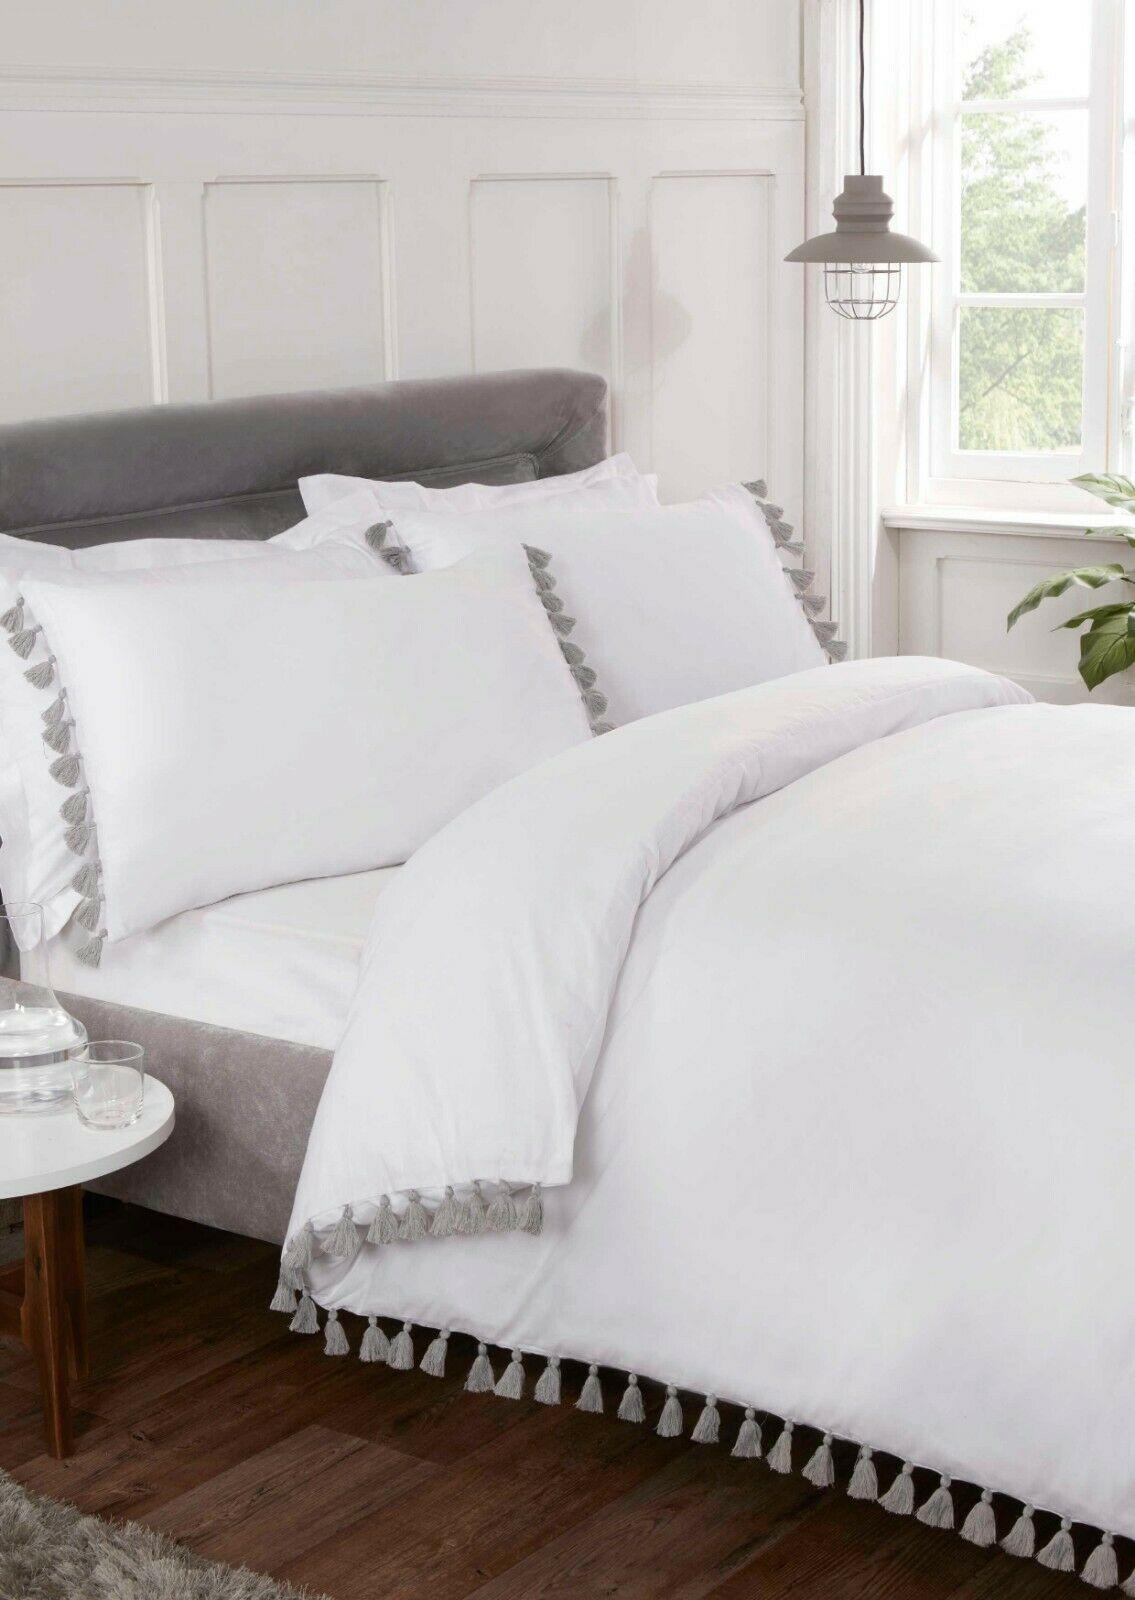 Rapport Tassels Duvet Cover Bedding Set White Or Grey Bb